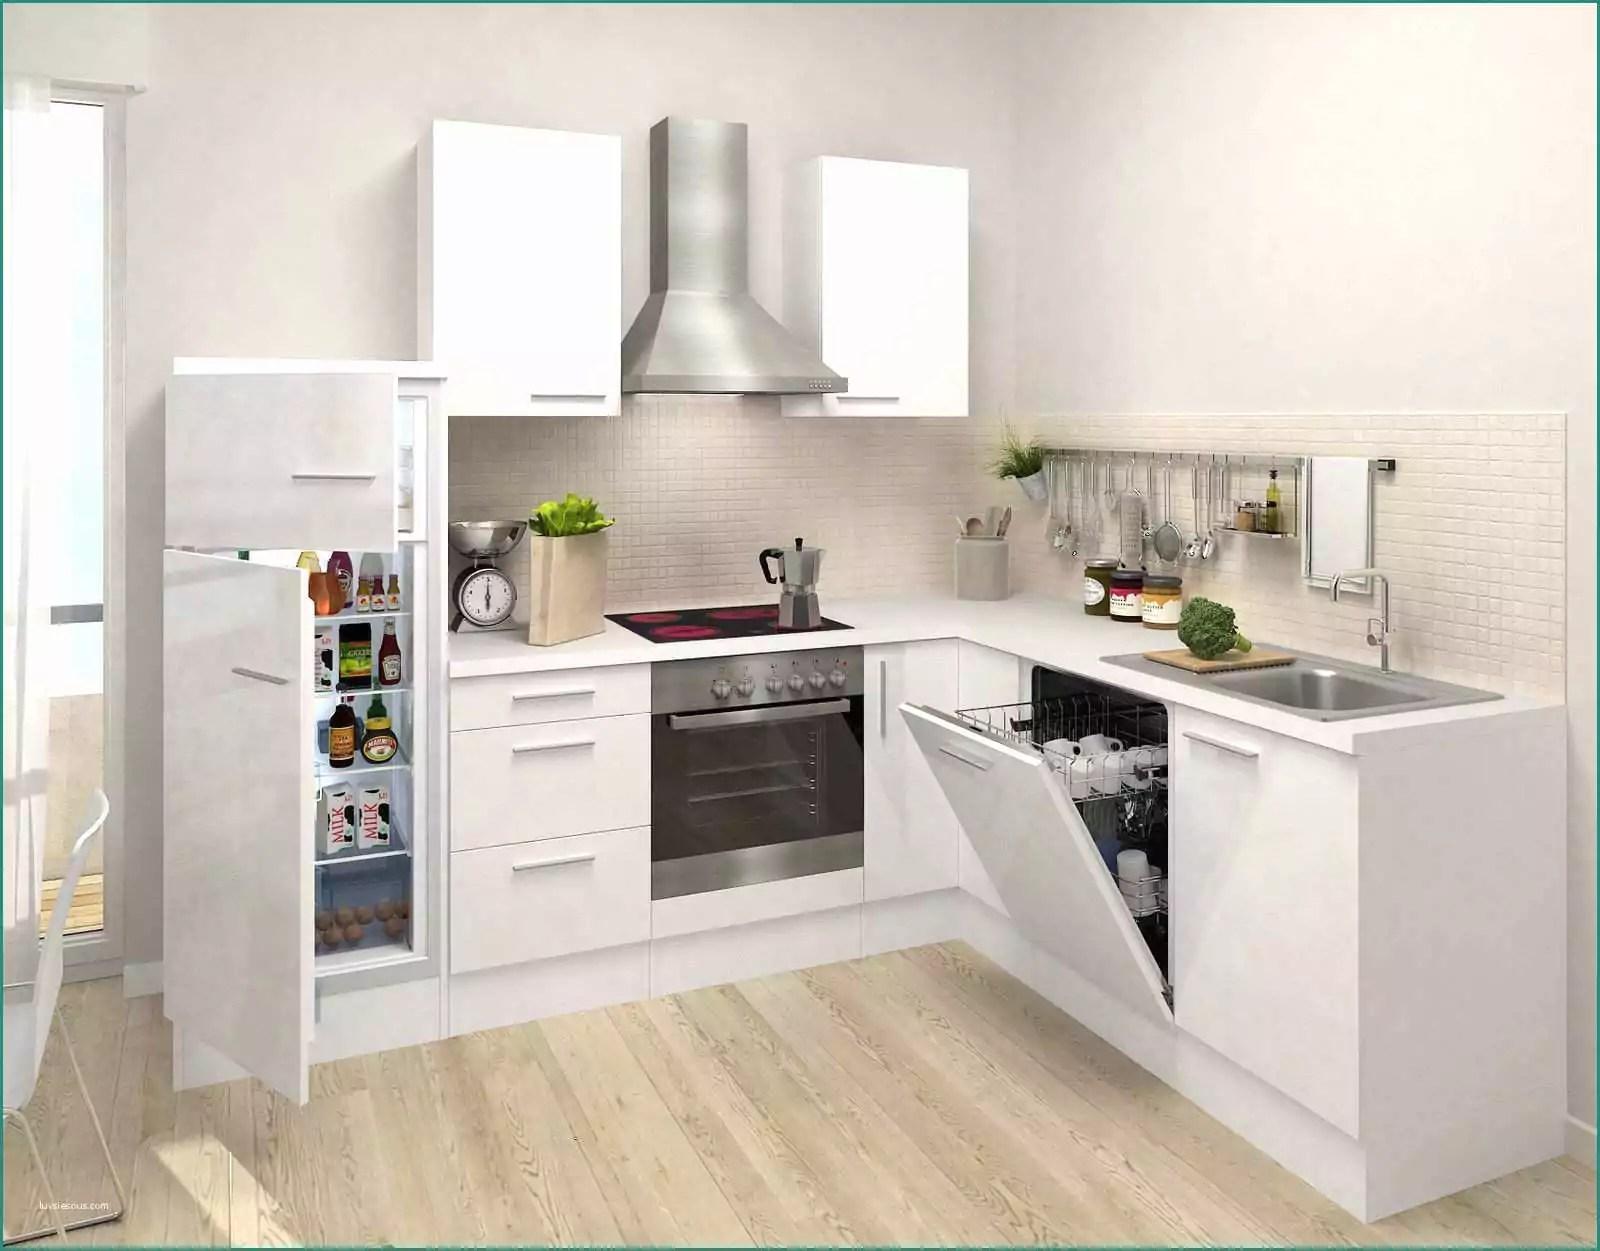 Cucine Berloni Classiche Catalogo E Prezzi Cucine Ikea 2